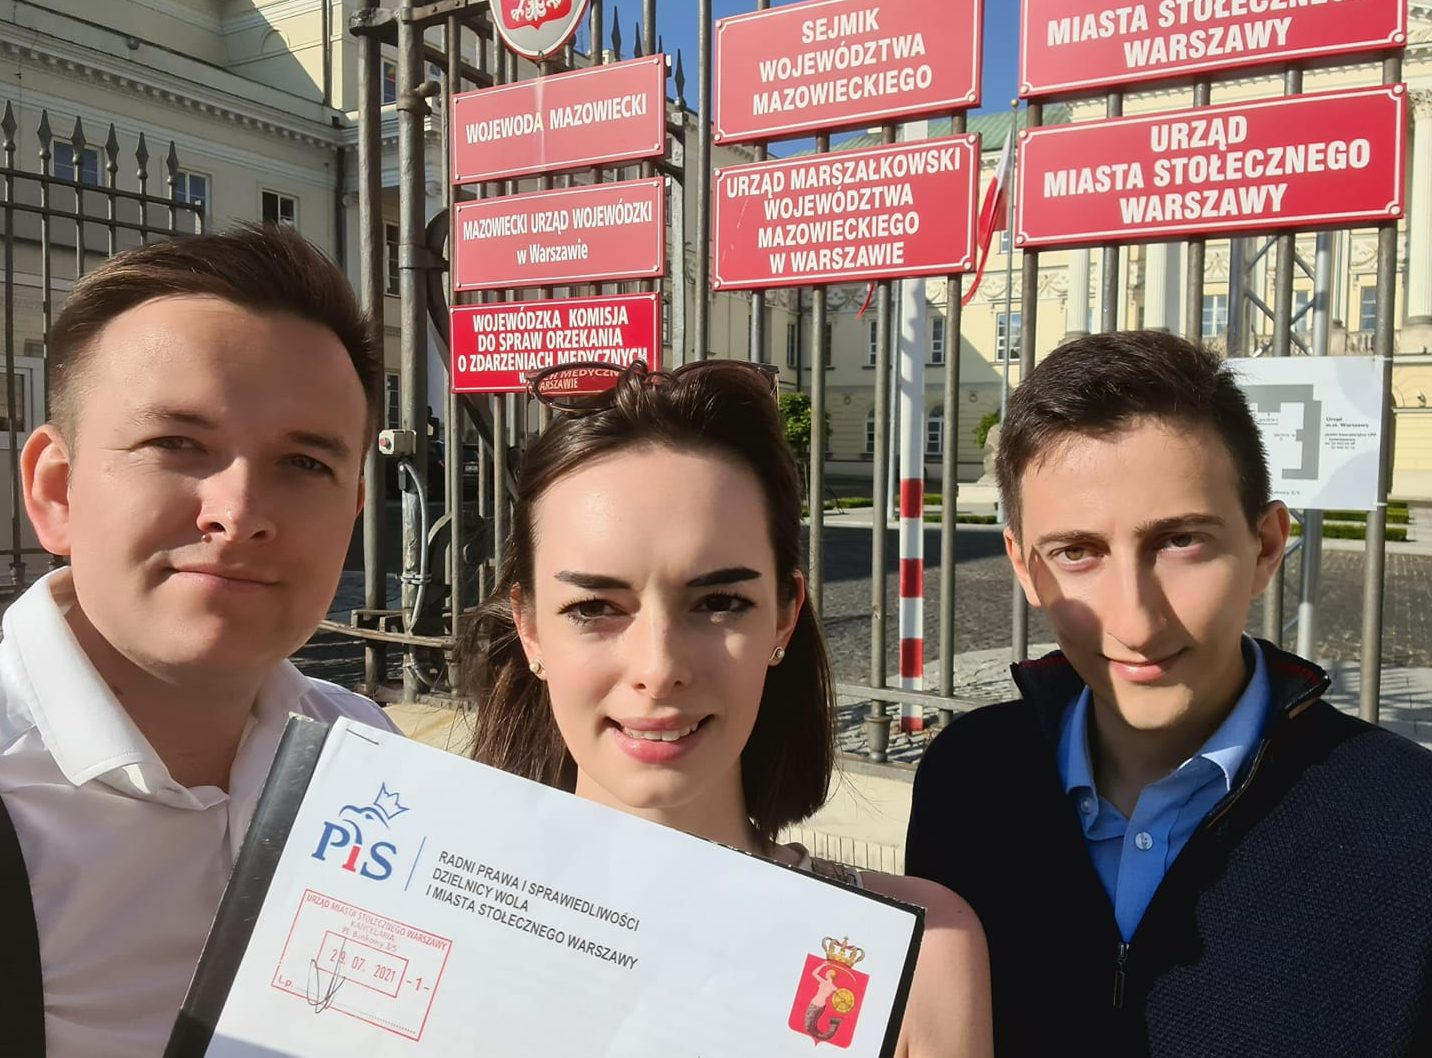 Radni PiS na Woli złożyli petycję do Prezydenta m.st. Warszawy Rafała Trzaskowskiego